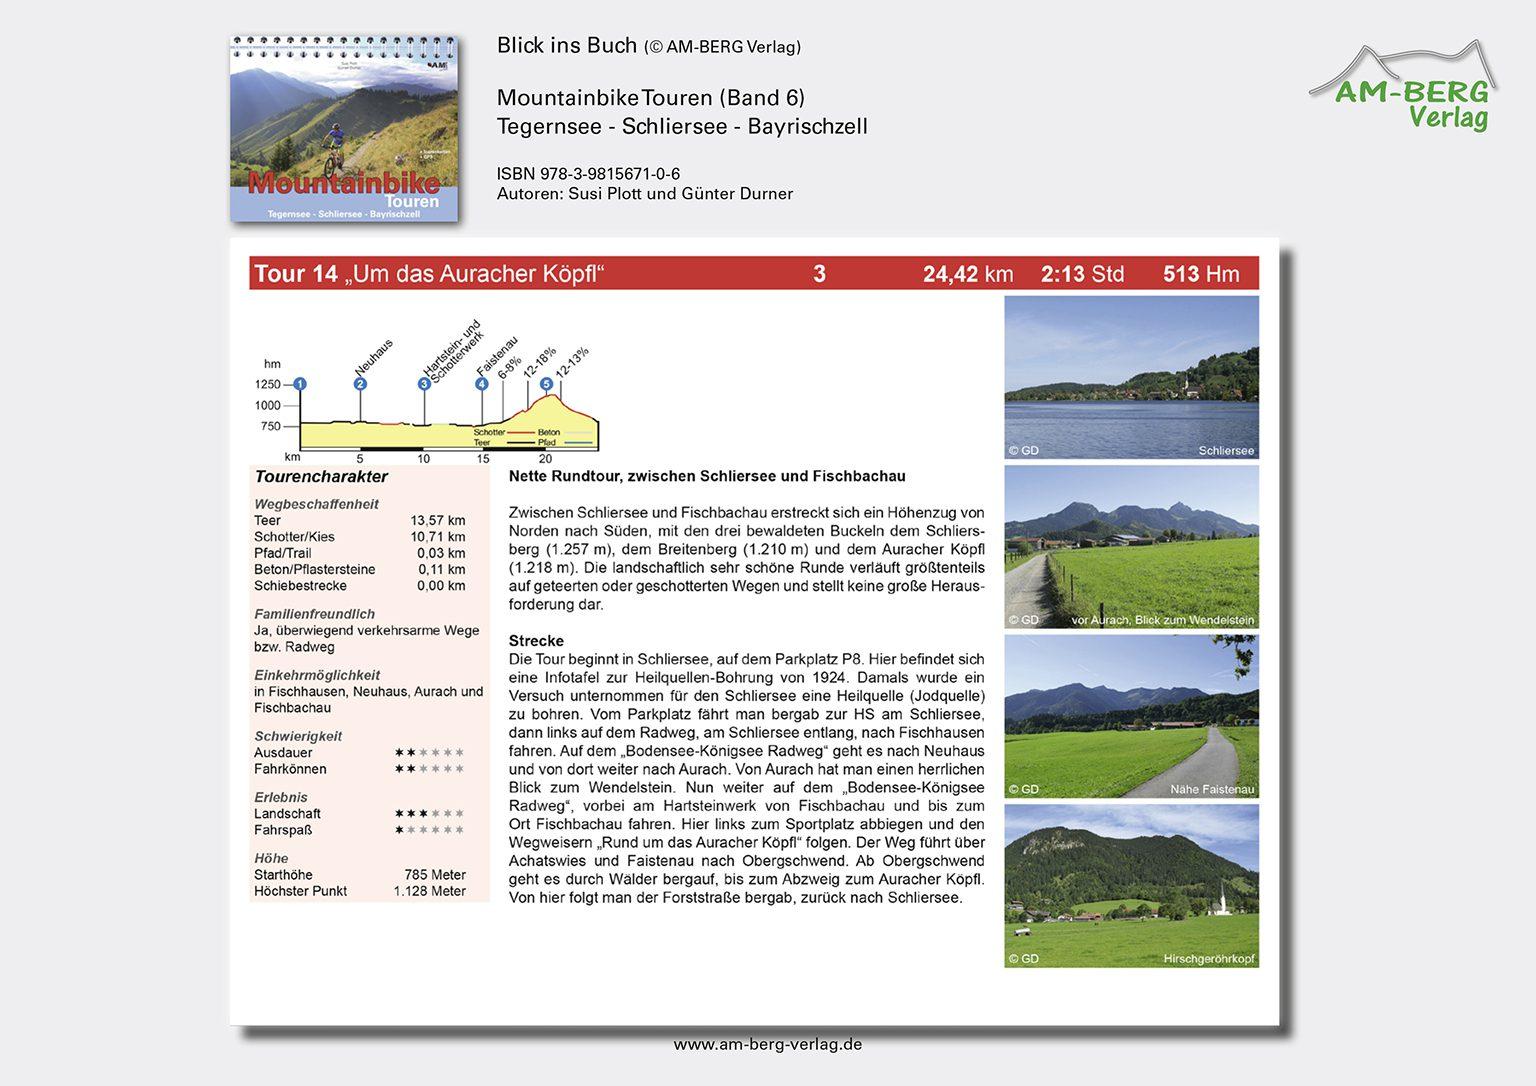 Mountainbike Touren Tegernsee-Schliersee-Bayrischzell (Band 6)_BlickinsBuch7